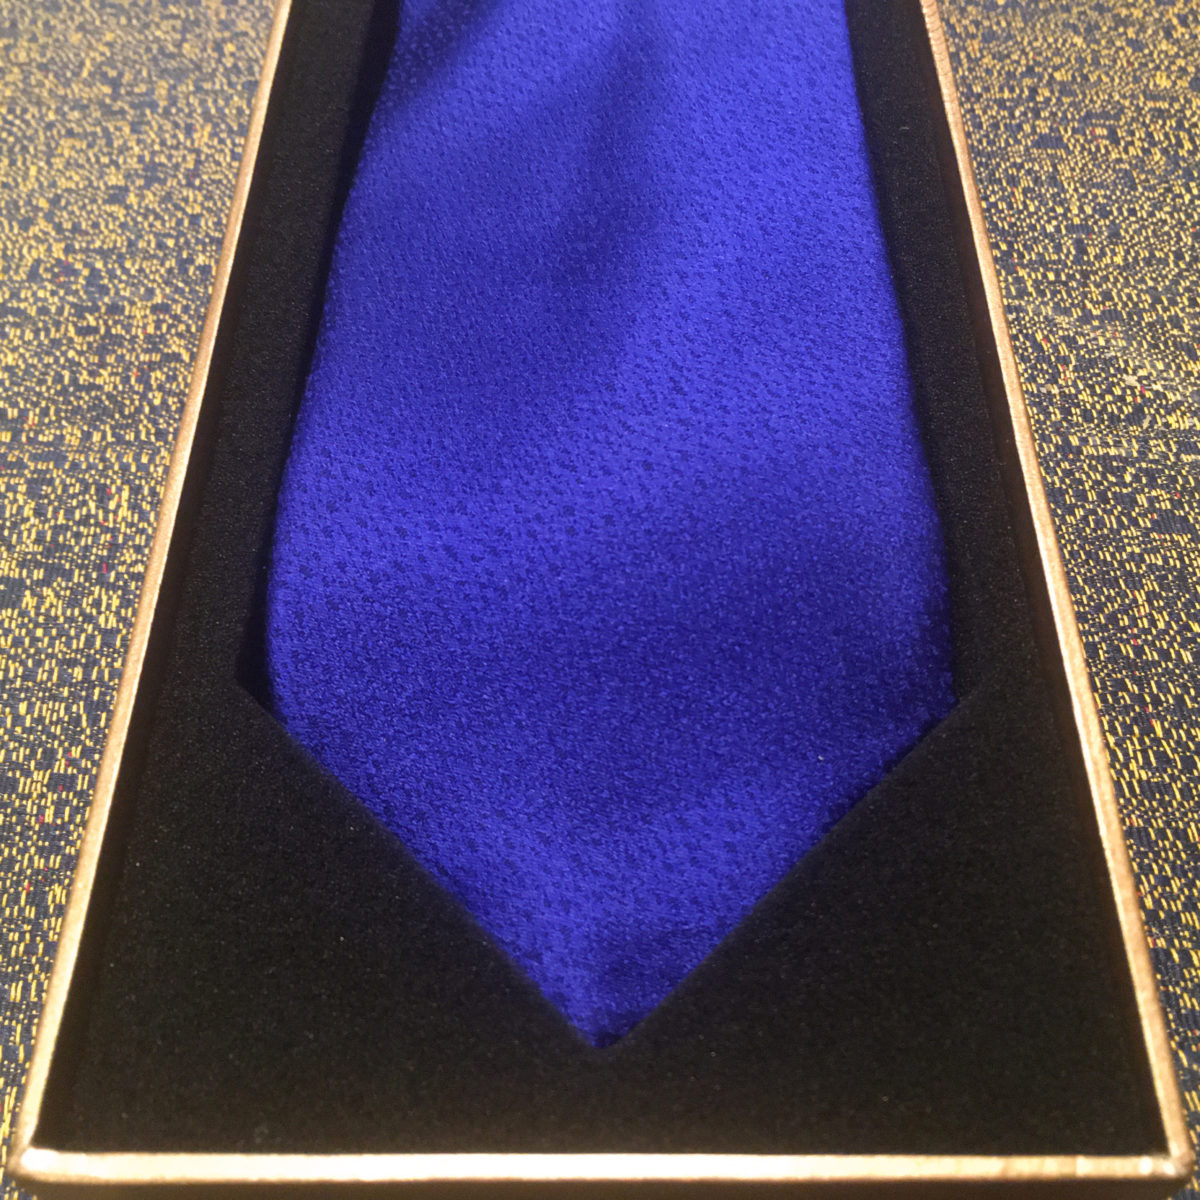 gift,tie,blue,navy,silk,gift box,luxury